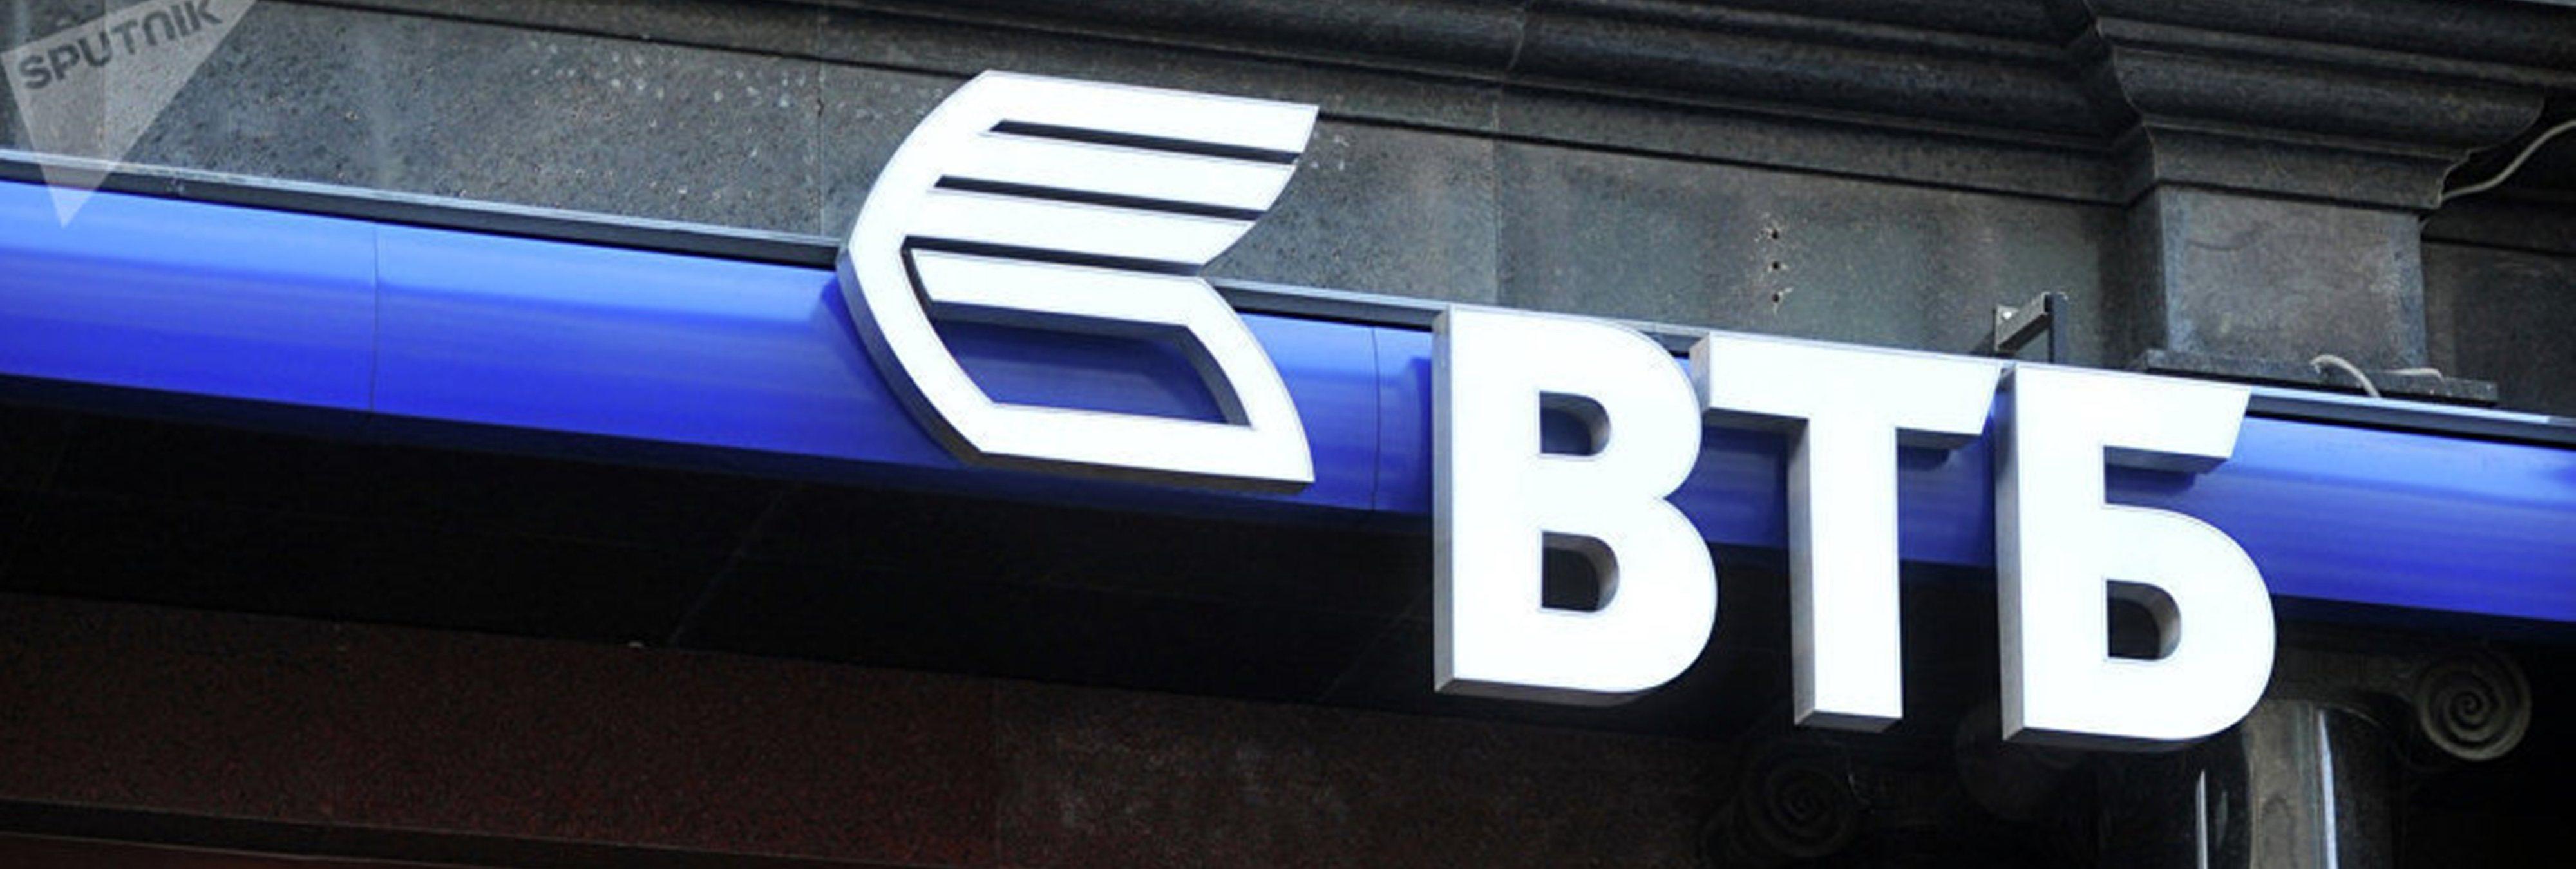 Una mujer hace un striptease en un banco para conseguir un préstamo